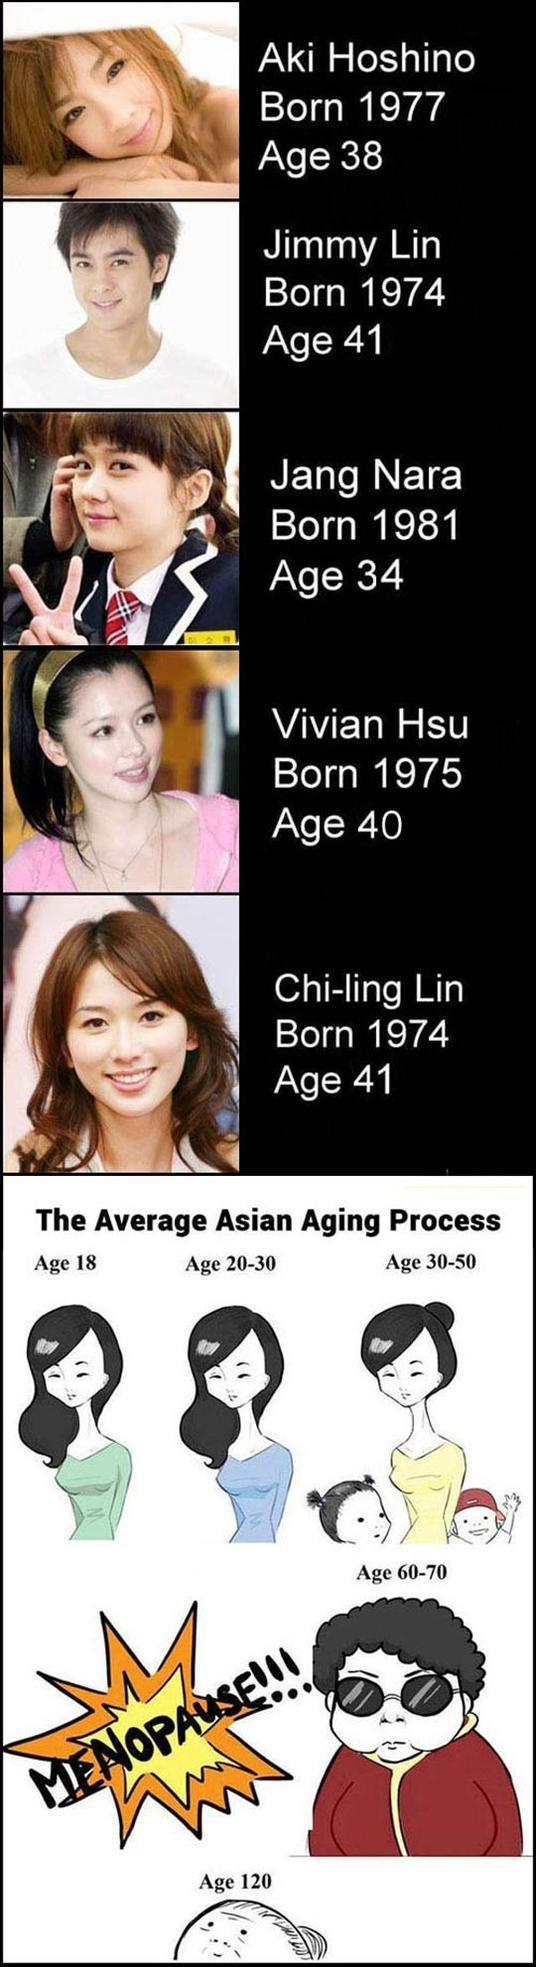 Alterungsprozess in Asien   isnichwahr.de